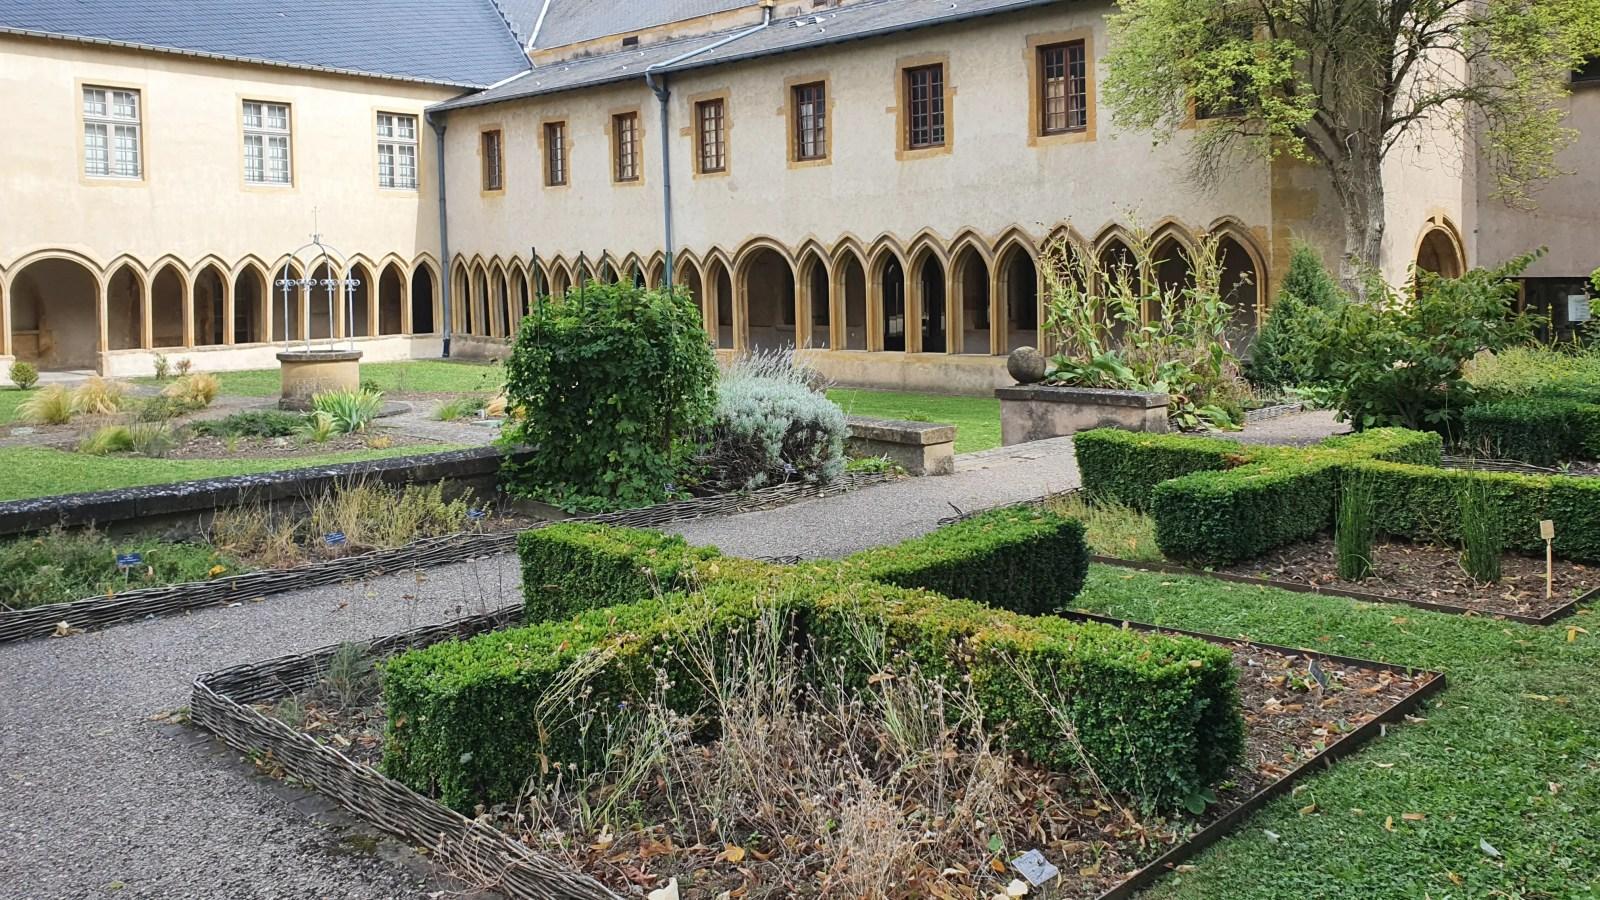 Sehenswürdigkeiten von Metz. Tipps für Metz, Sehenswürdigkeiten von Lothringen